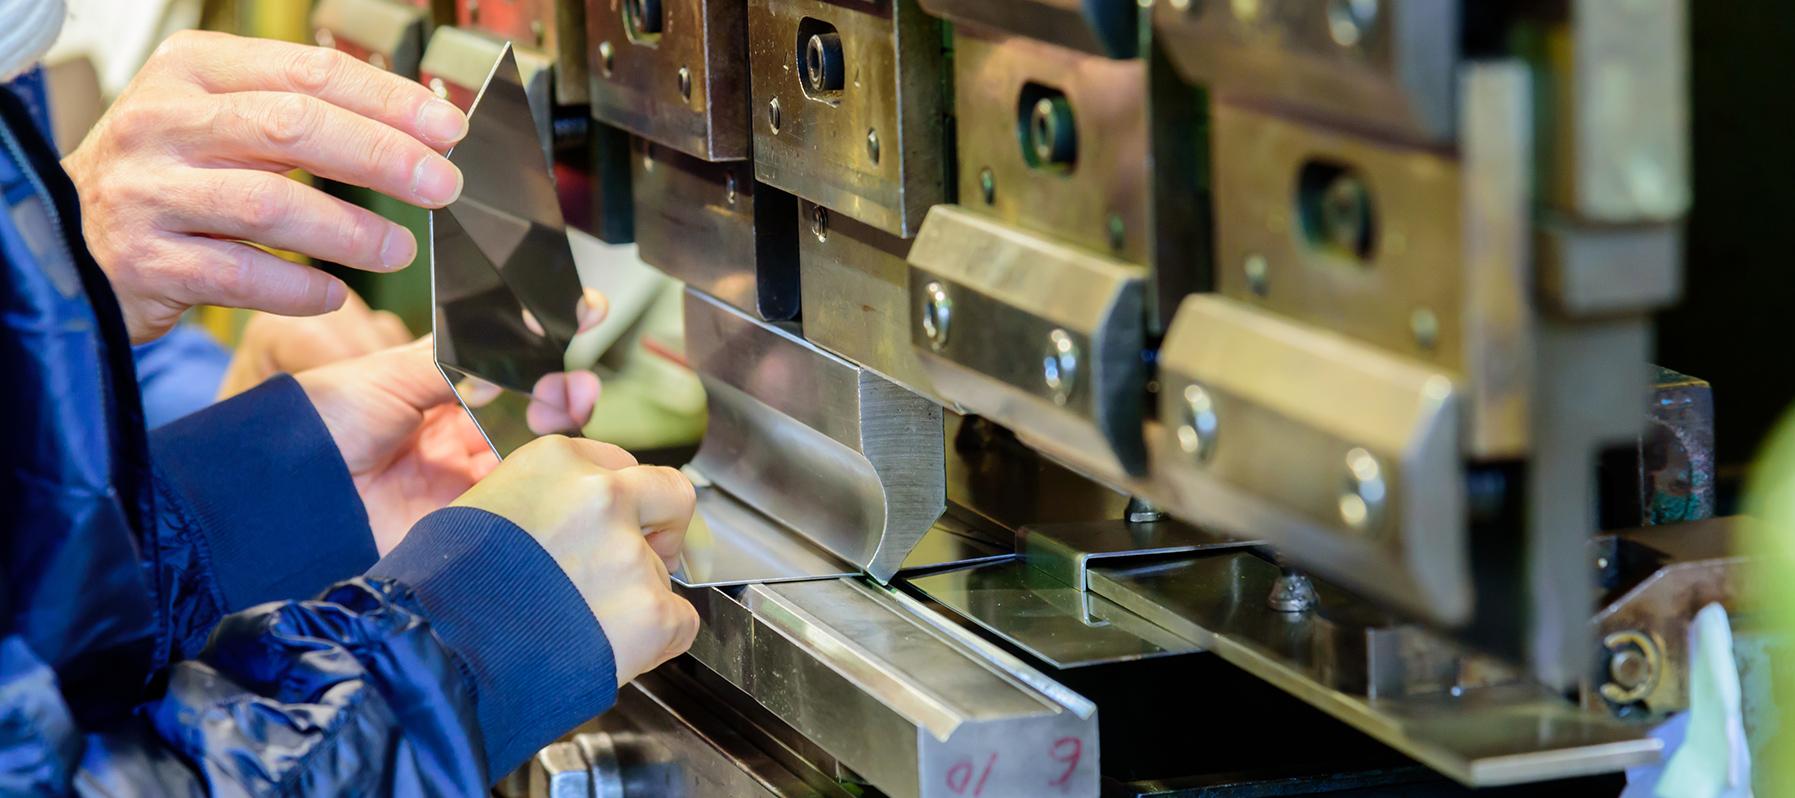 熟練の職人技で信頼に応える 鈑金・製缶のスペシャリスト